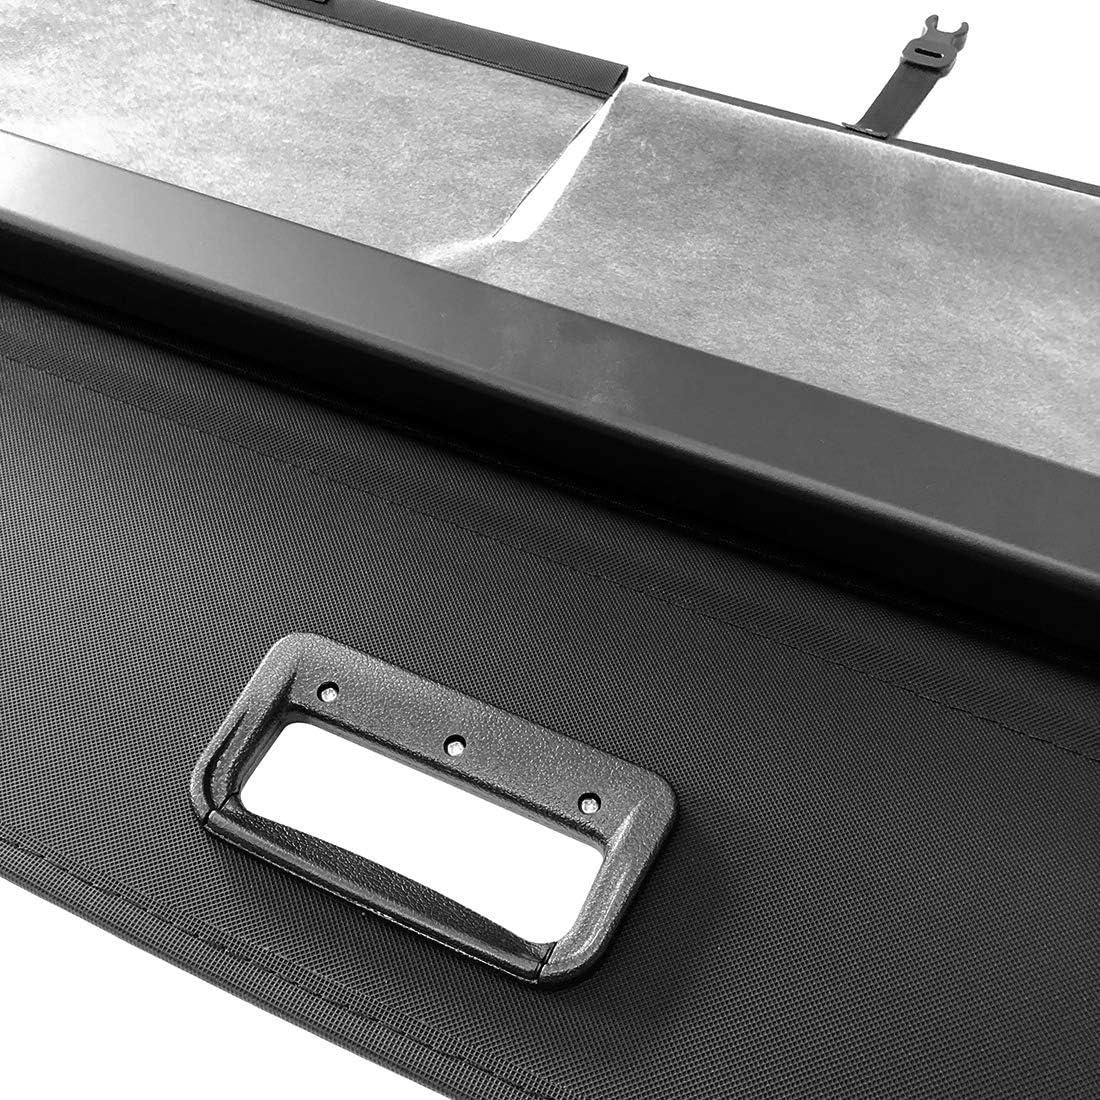 OREALTOOL /Étag/ère Arri/ère R/étractable De Coffre pour Toyota RAV4 2013-2018 Noir Housse Colis Cargo Coque Cache-Bagages Couverture De Cargaison De Coffre